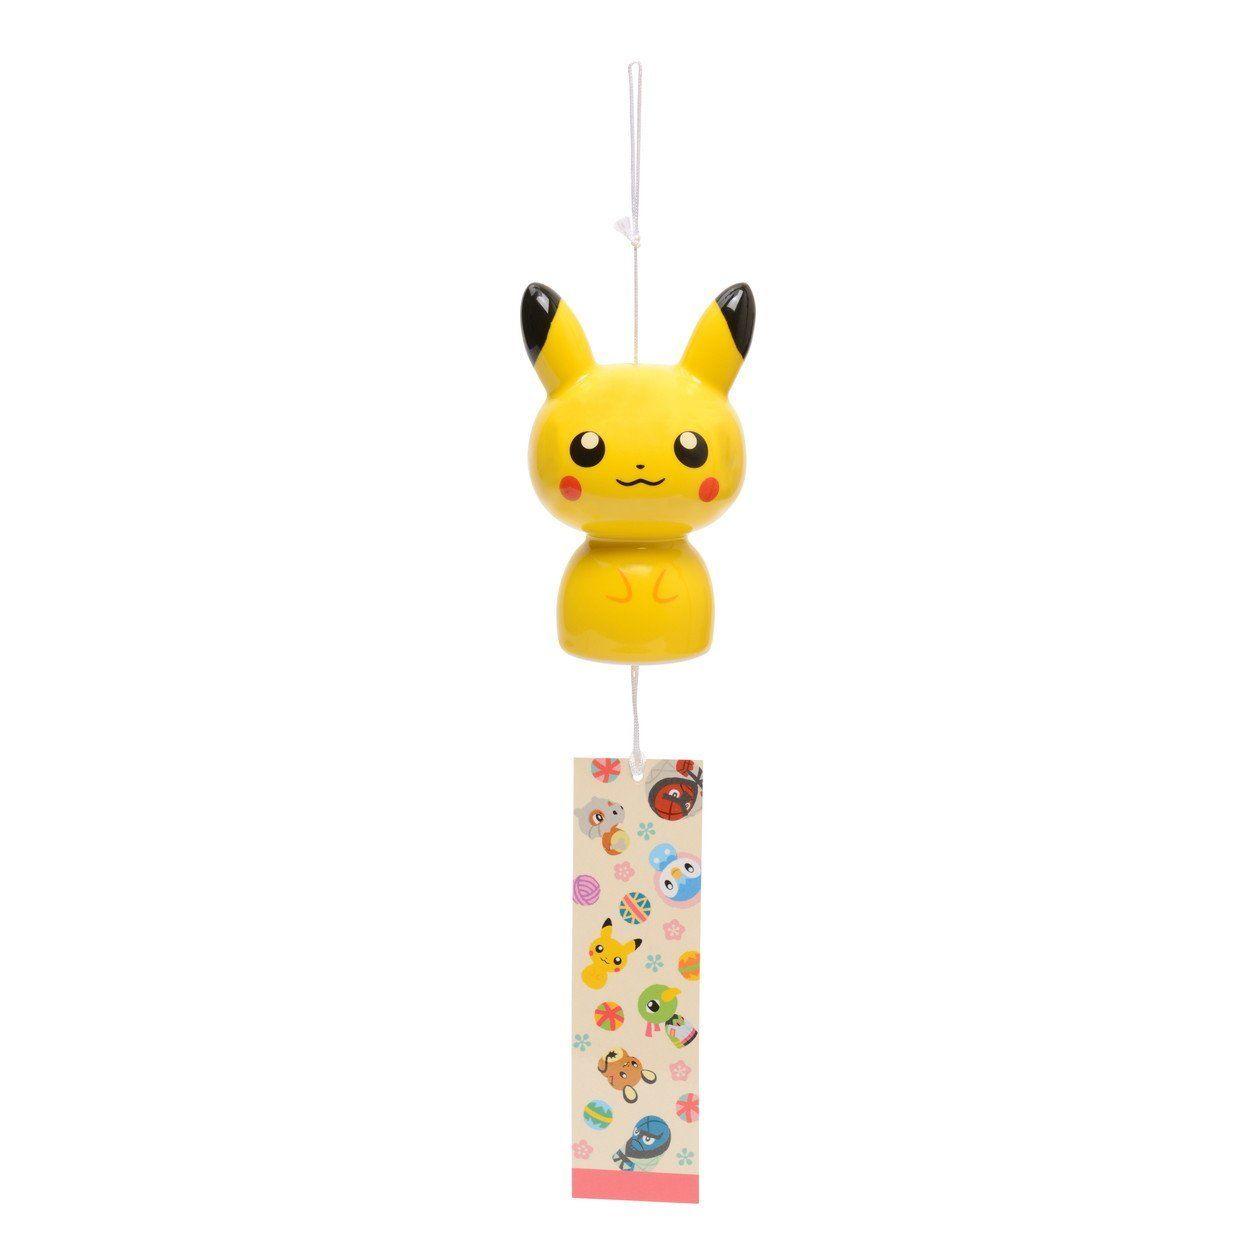 amazon | ポケモンセンターオリジナル 風鈴 ピカチュウこけし | おもちゃ